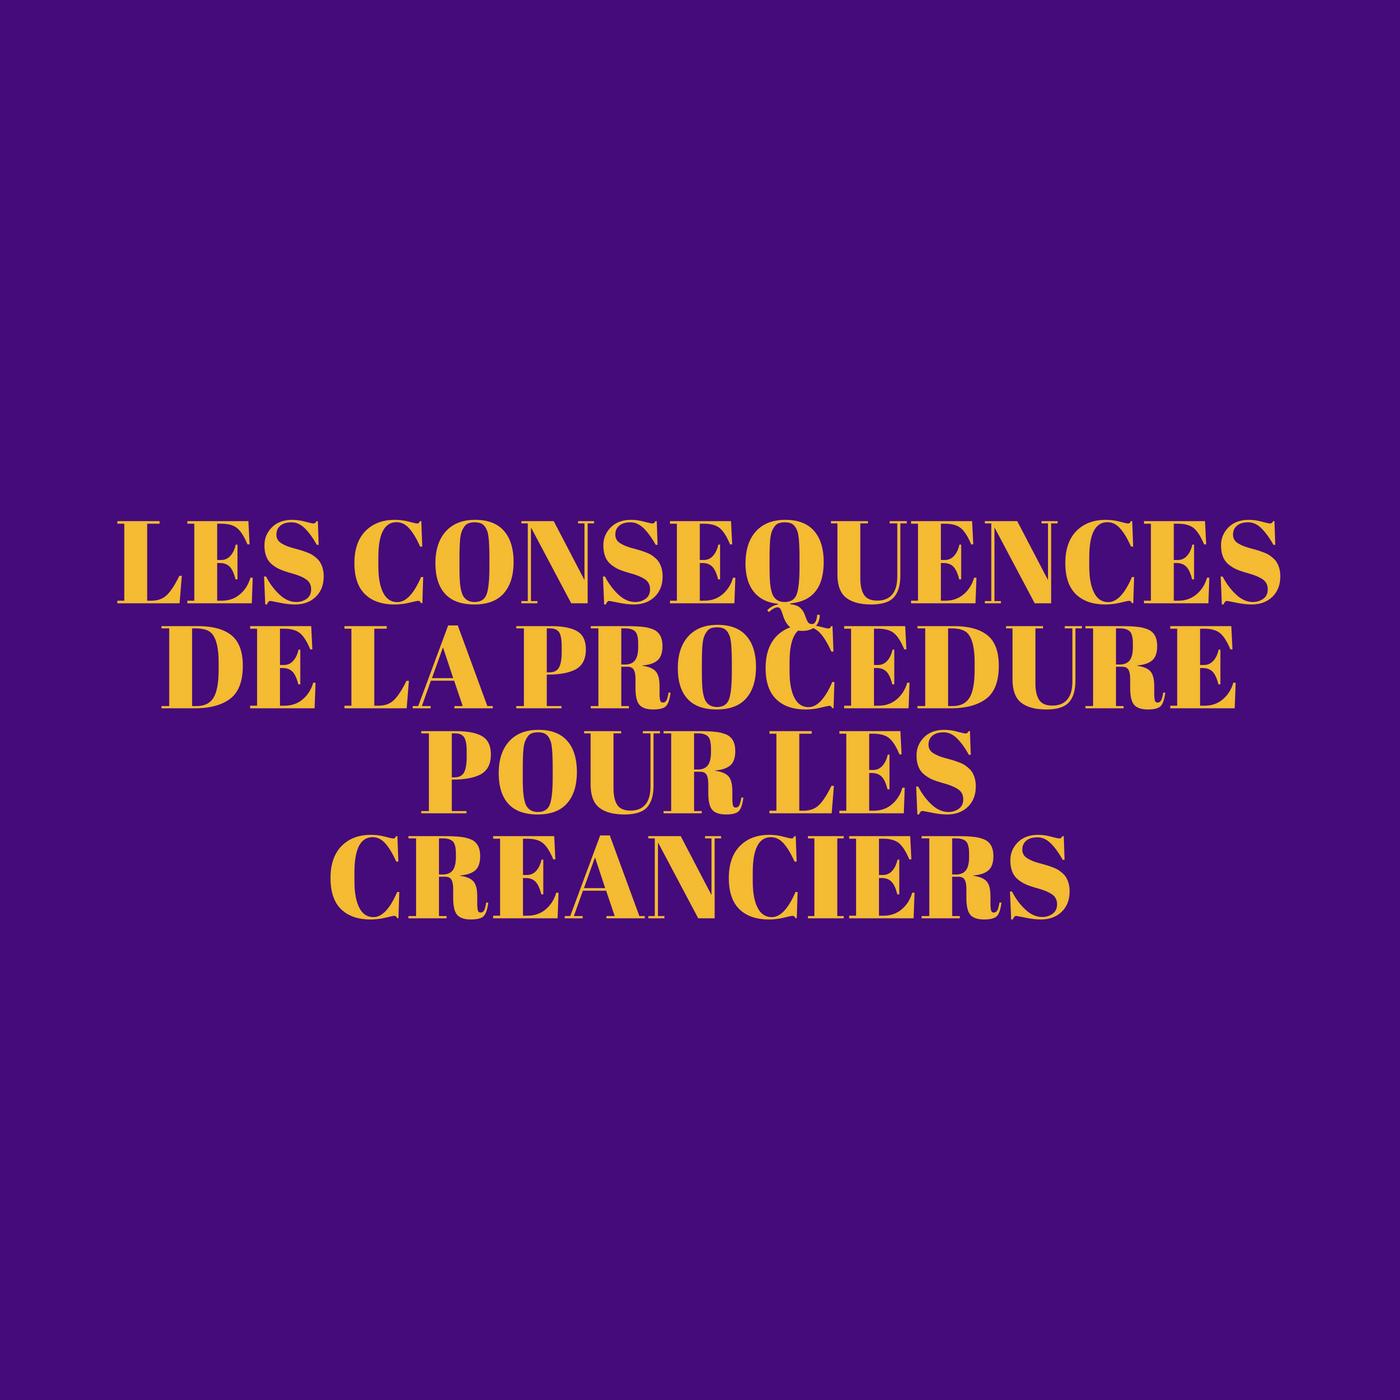 Les conséquences de la procédure pour les créanciers